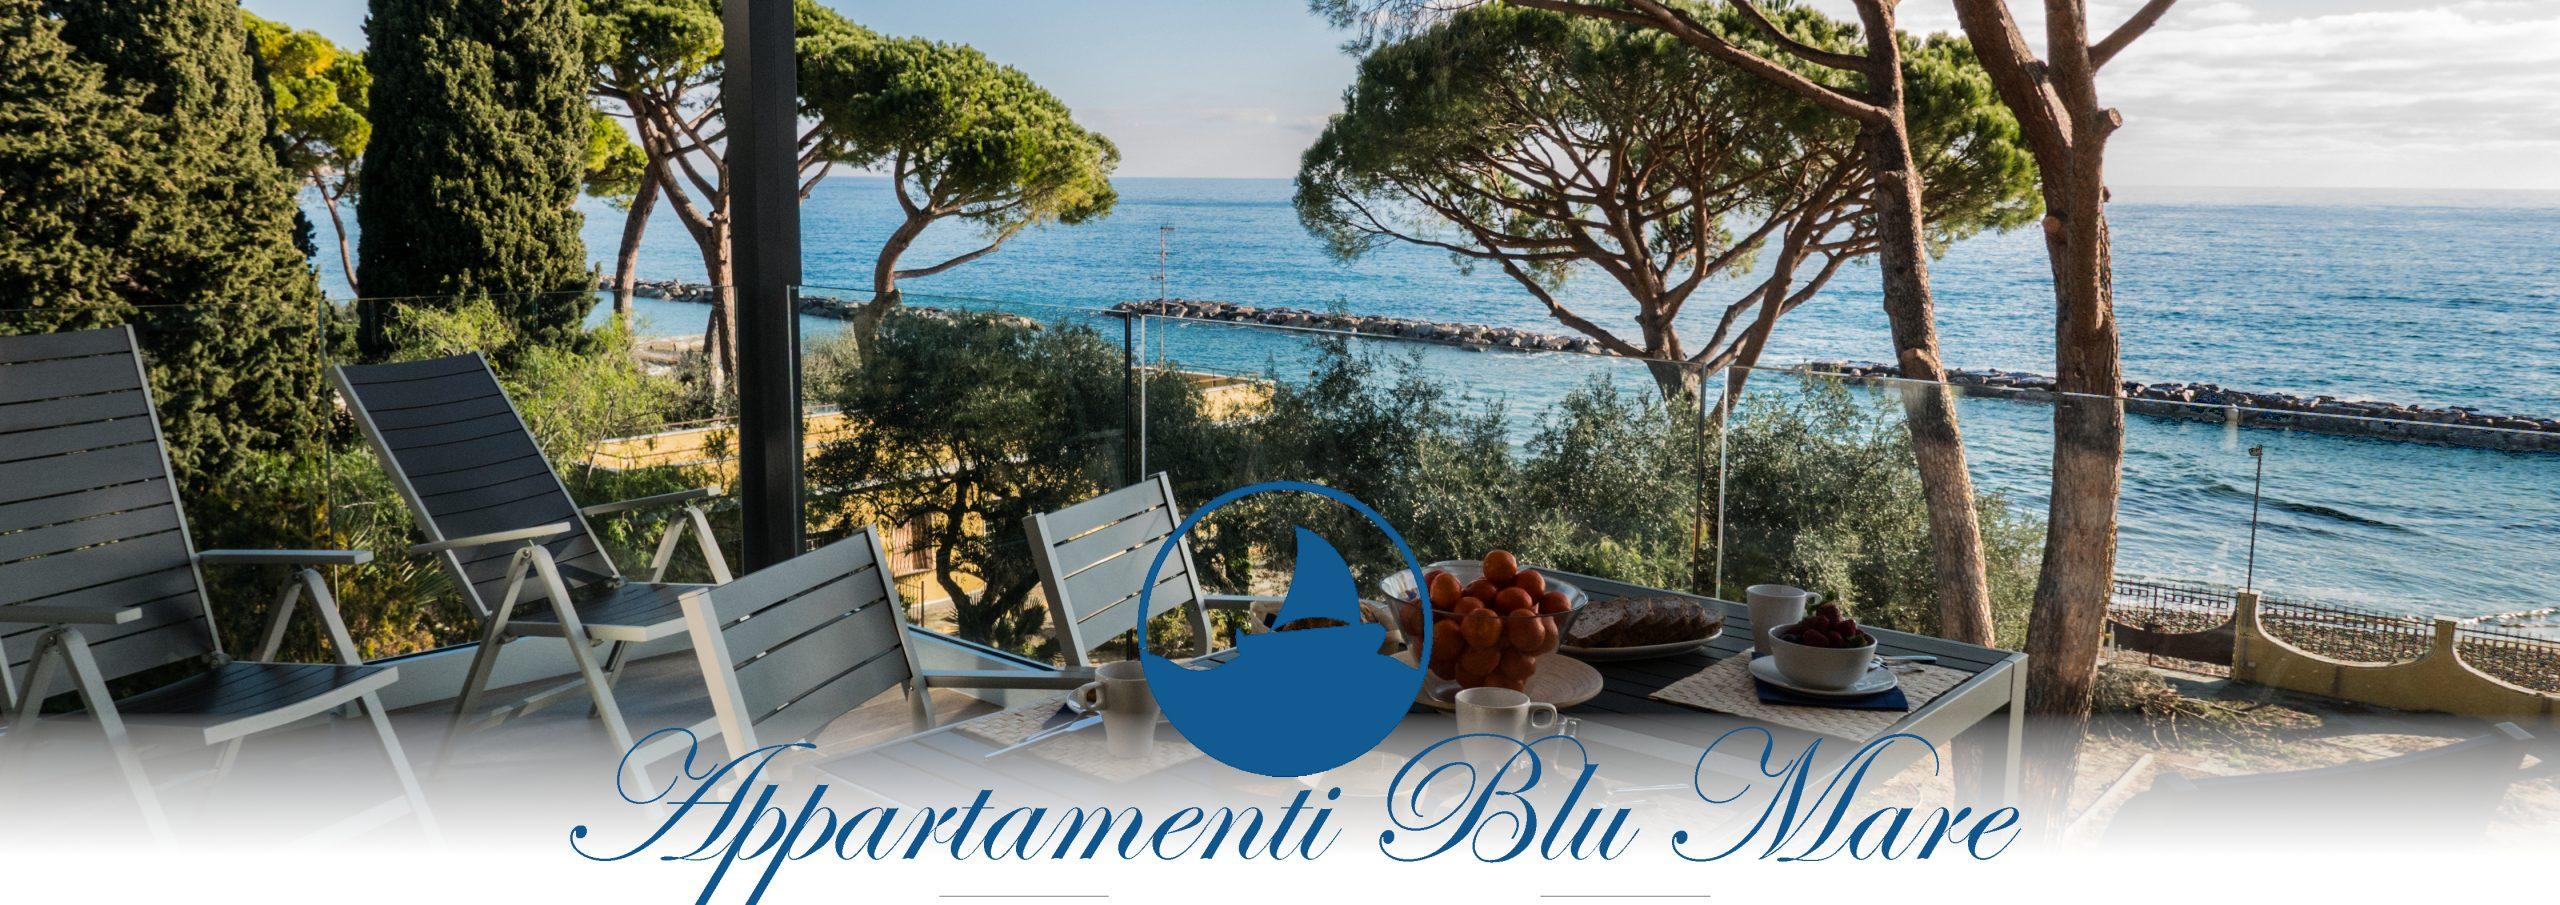 Appartamenti Blu Mare